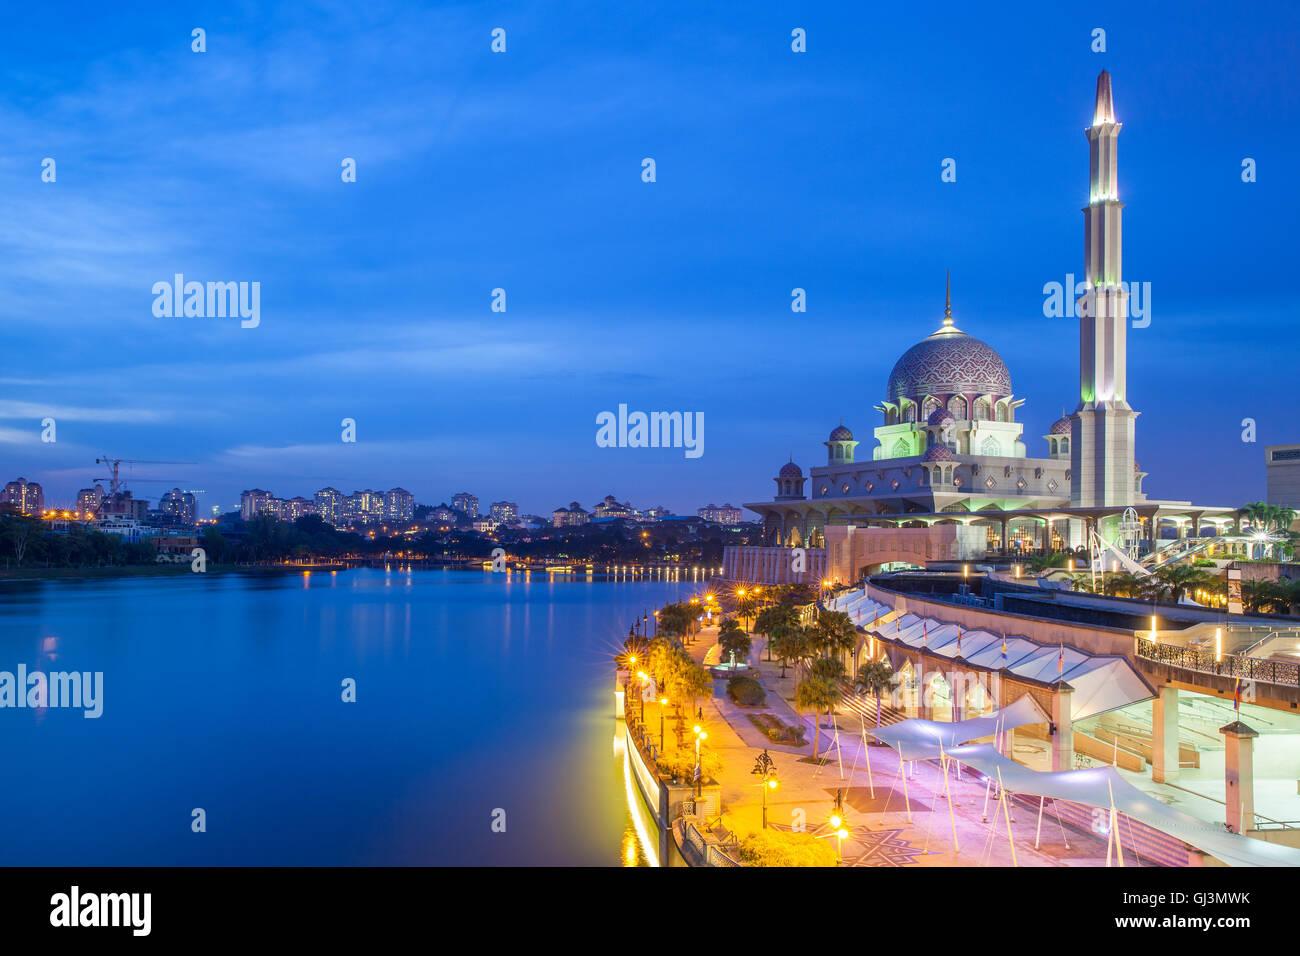 Wunderschöne rosa Putra-Moschee in der Abenddämmerung, Putrajaya, Malaysia Stockbild